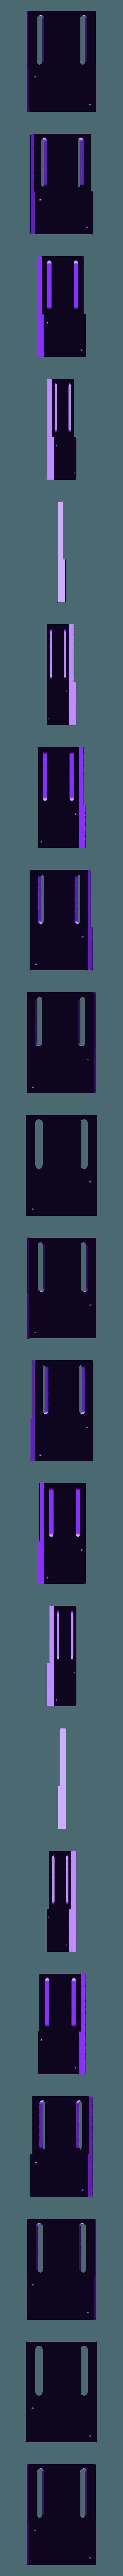 Z_end_switch_bracket_2.stl Download free STL file FDM Printer de Kleine Reus 300x300x900 • 3D printable object, Job